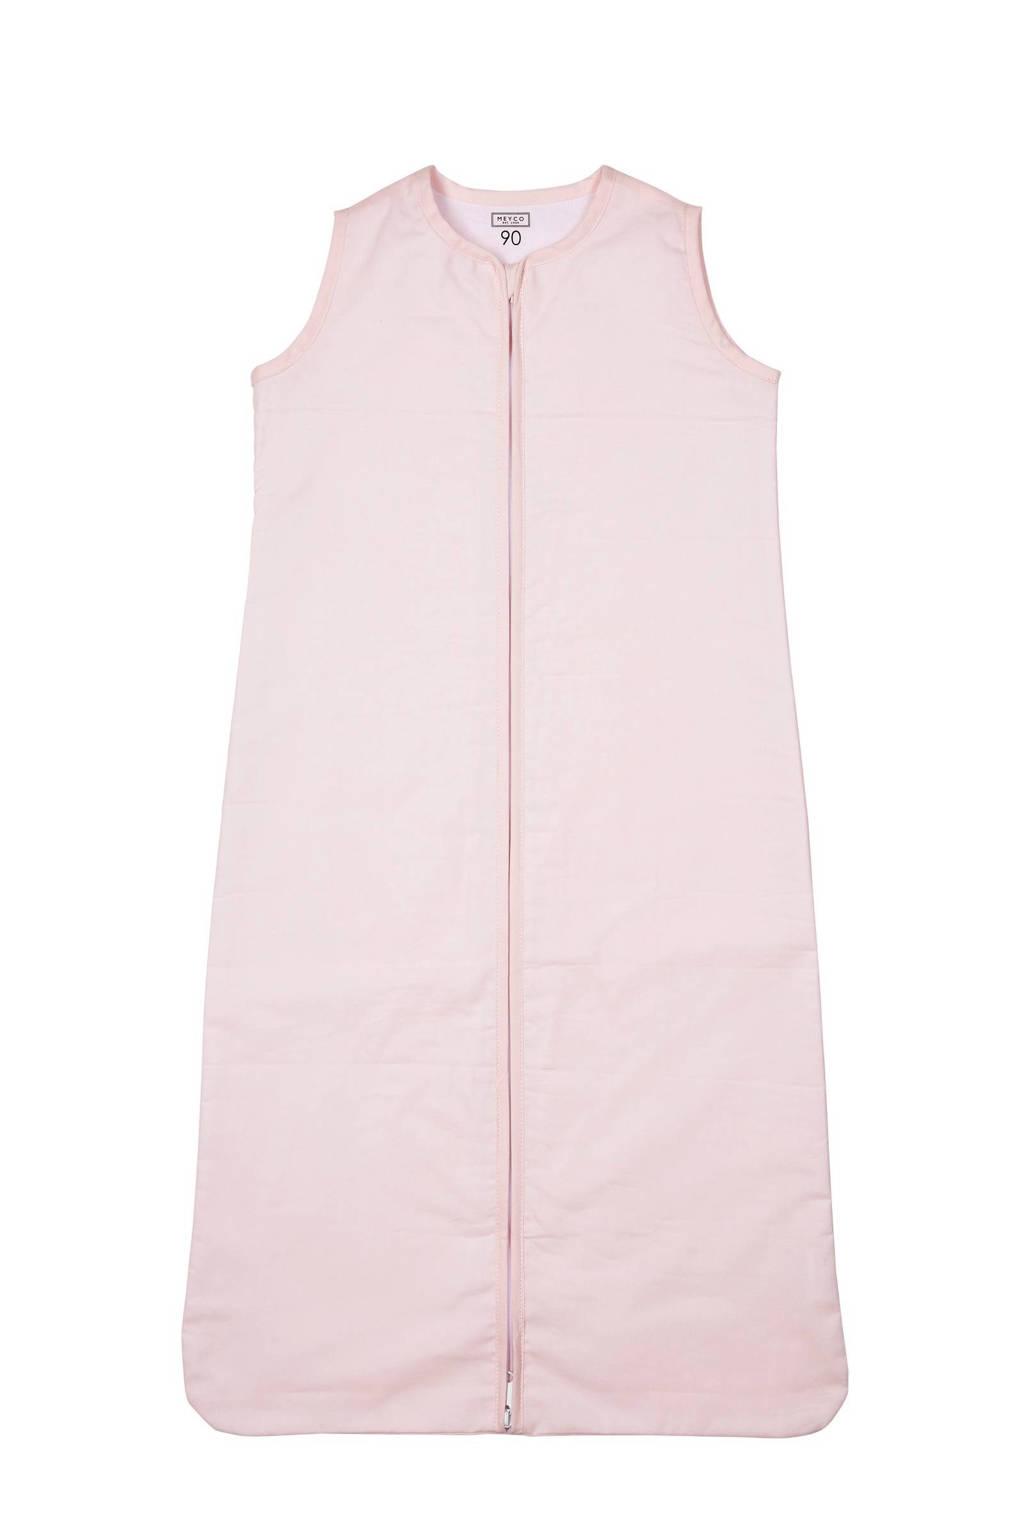 Meyco Uni baby slaapzak zomer 70 cm lichtroze, Roze